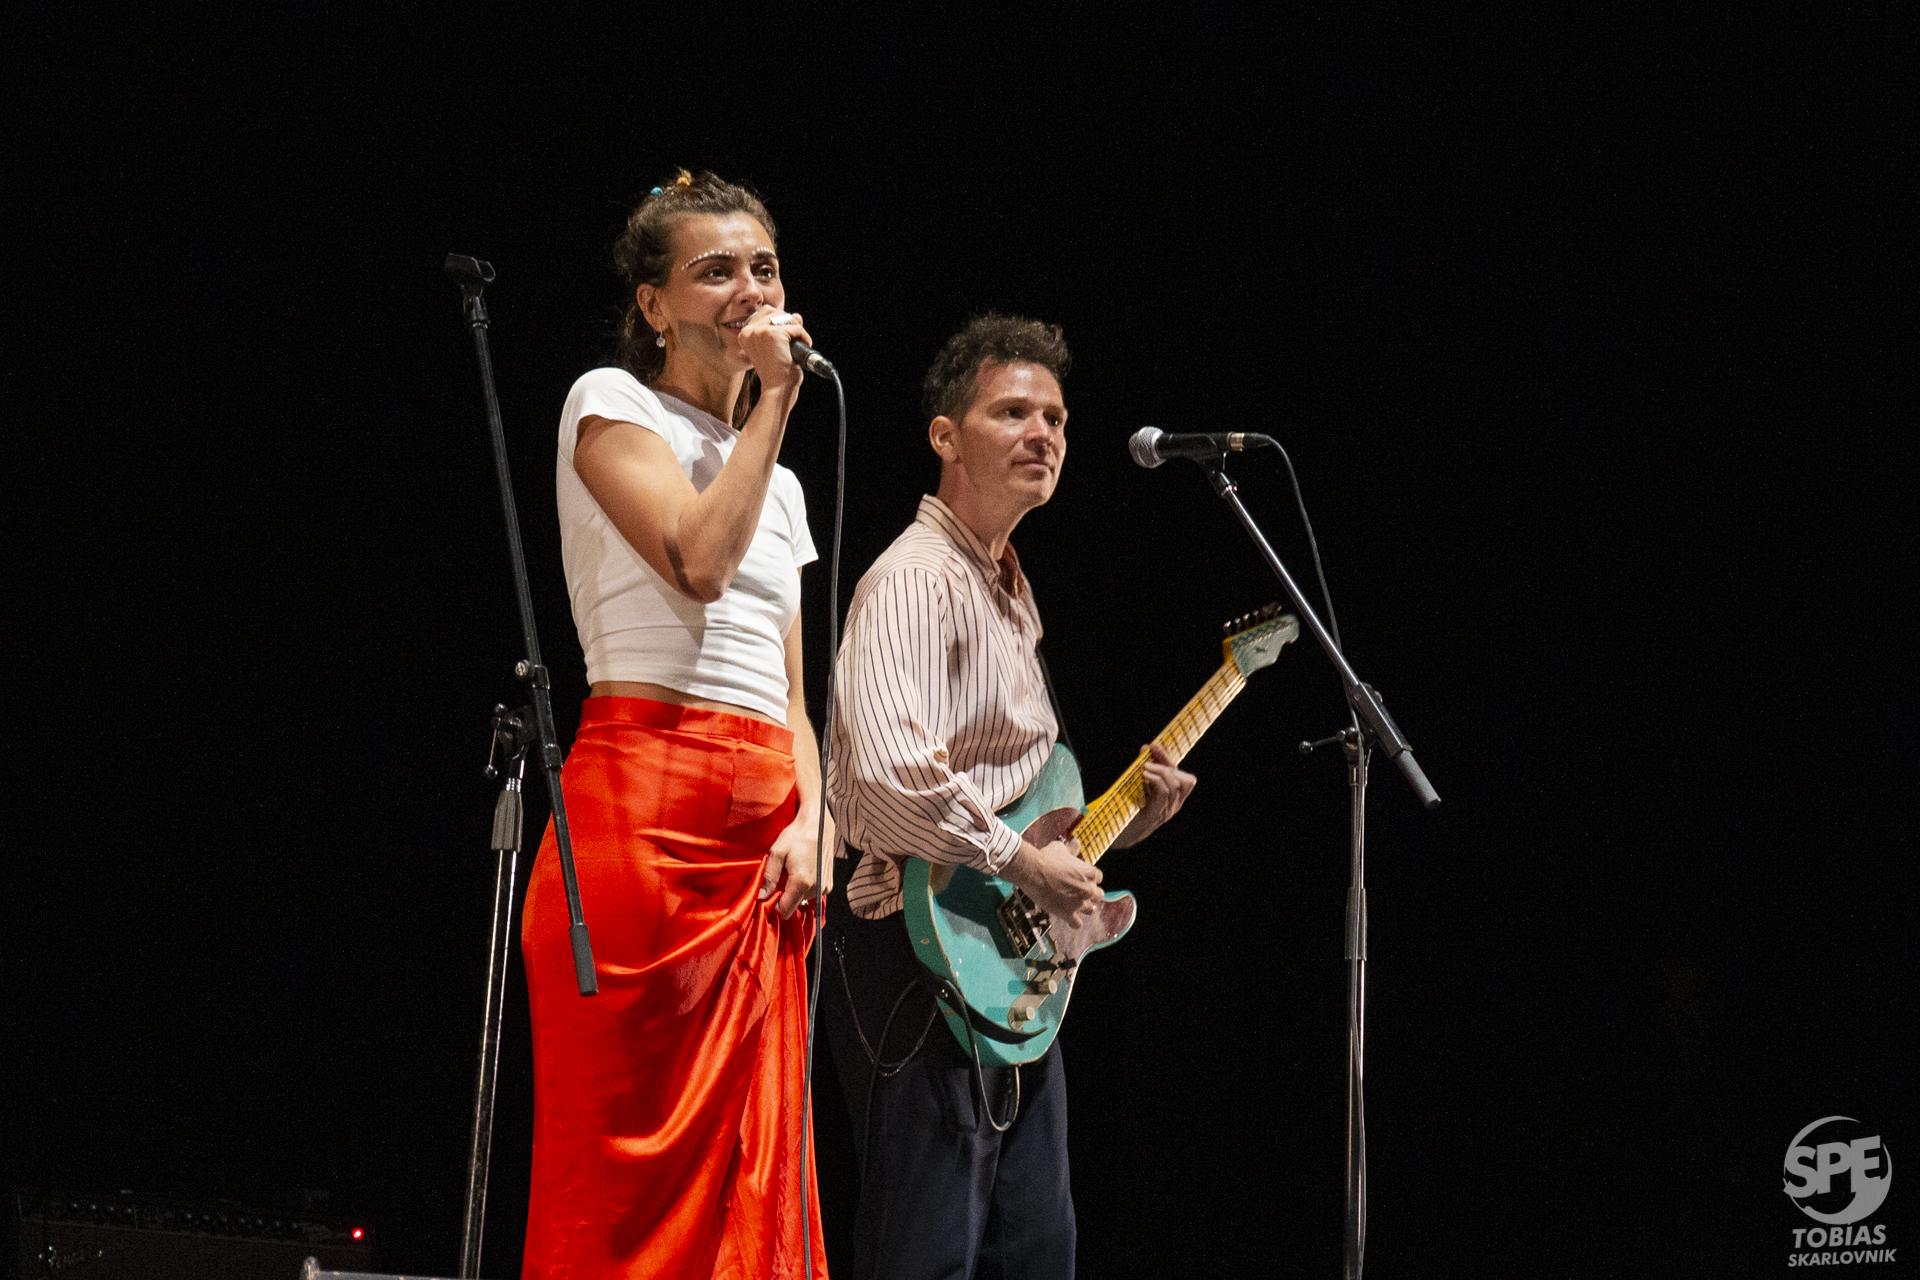 """La banda """"La Loba"""" abré el concierto de Jorge Drexler en  en el teatro Gran Rex (Buenos Aires, Argentina) el Jueves 26 de septiembre de 2019. Foto de: Tobias Skarlovnik."""